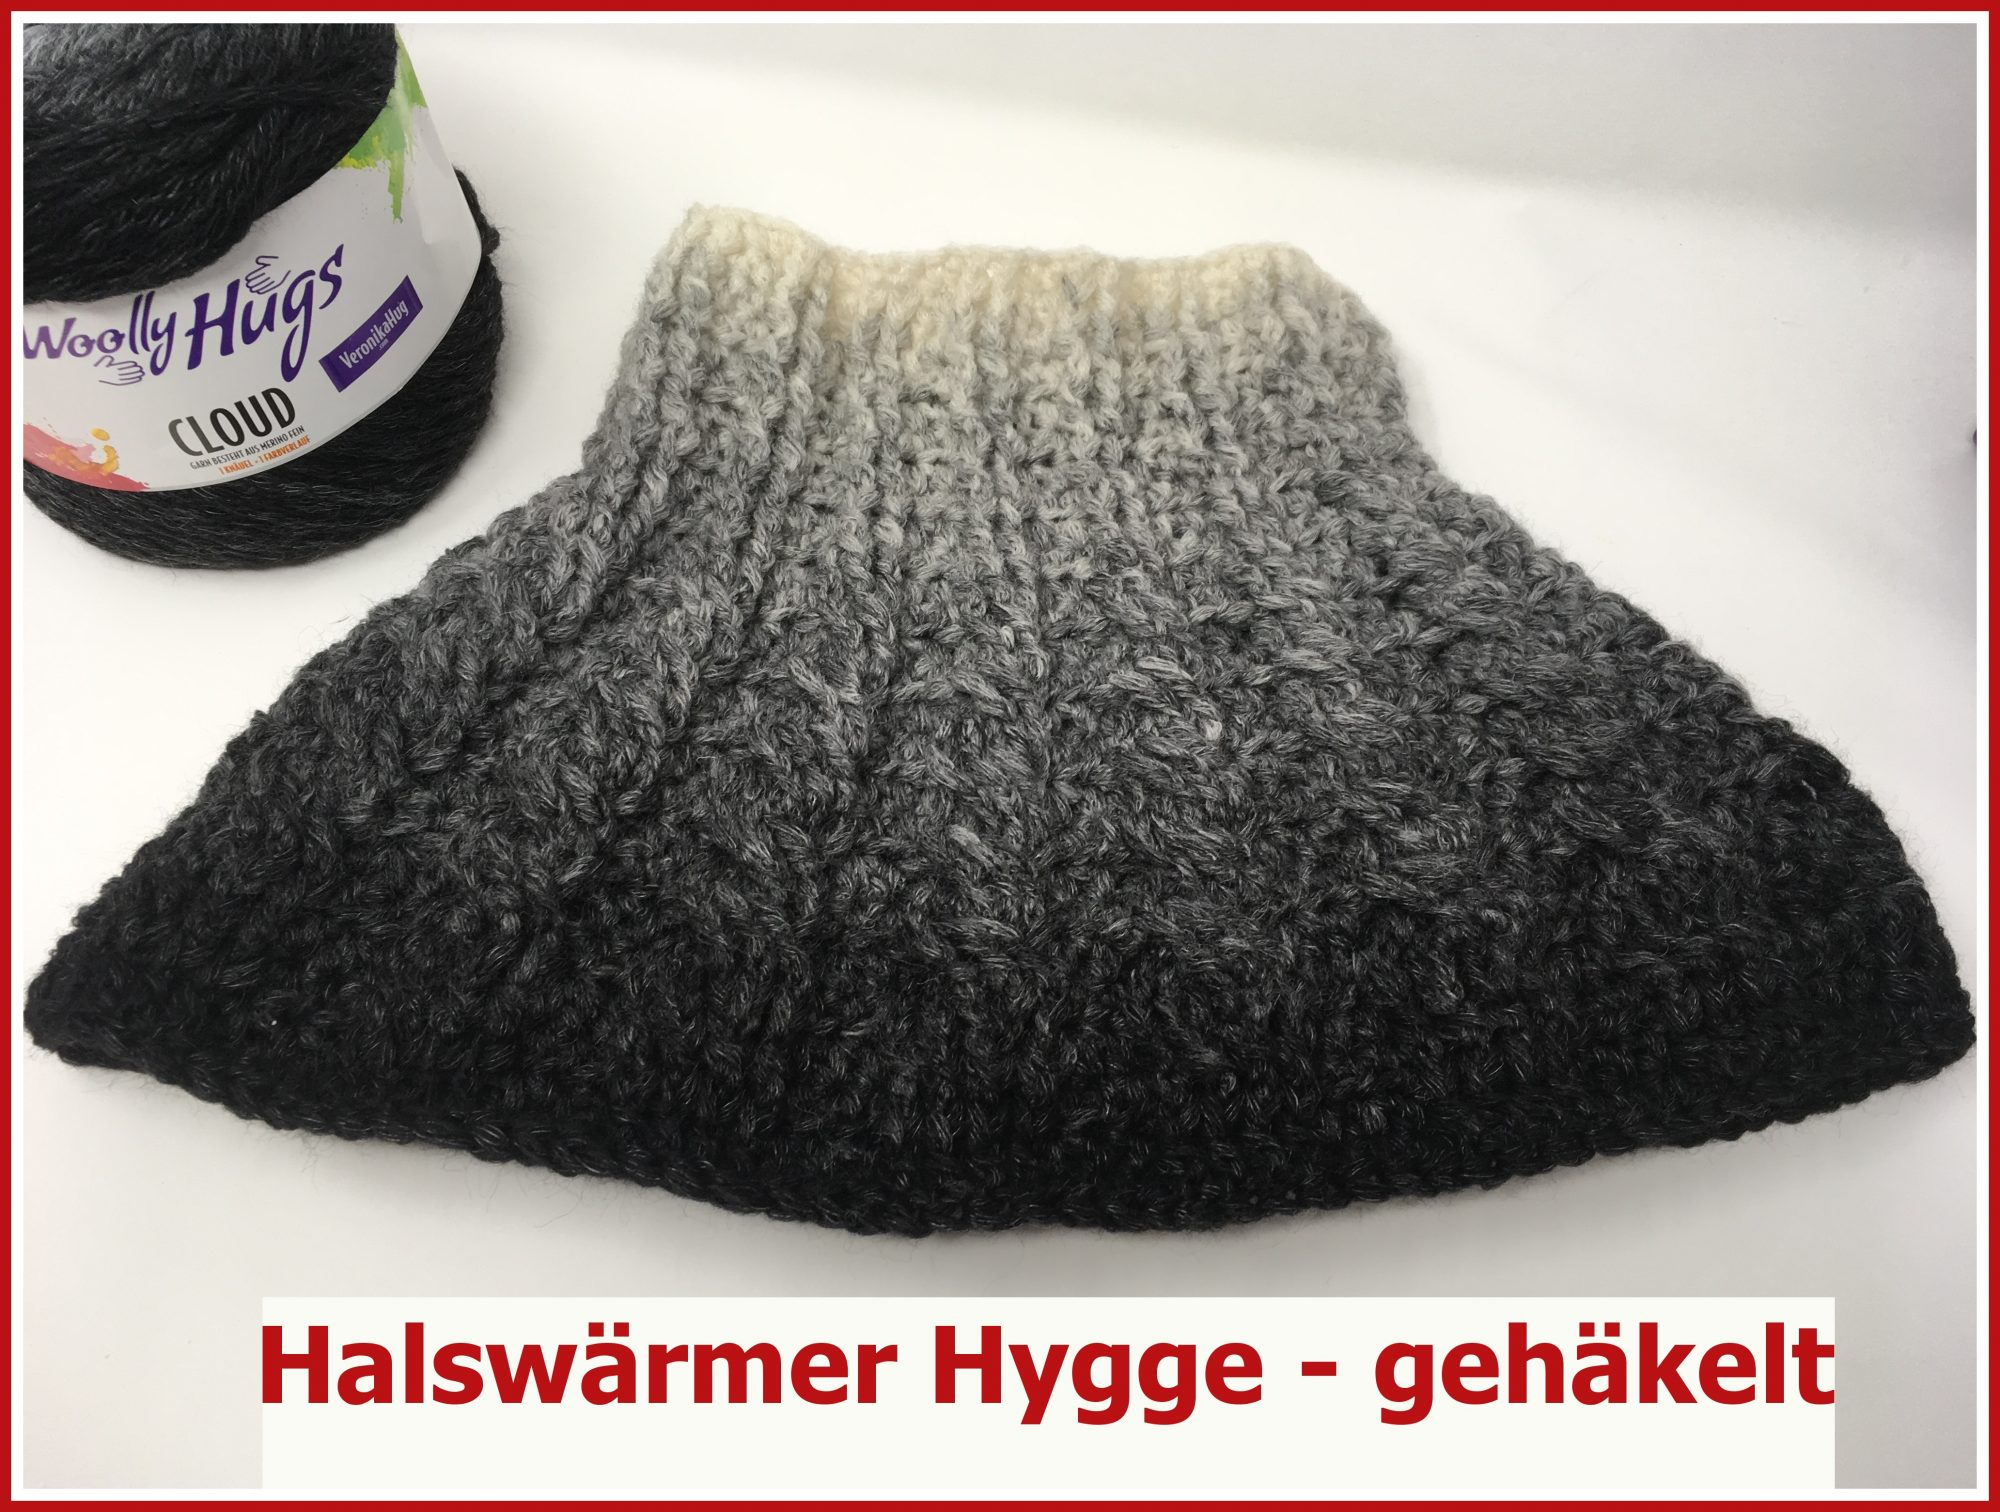 Veronika Hug Halswärmer Hygge Gehäkelt Woolly Hugs Cloud